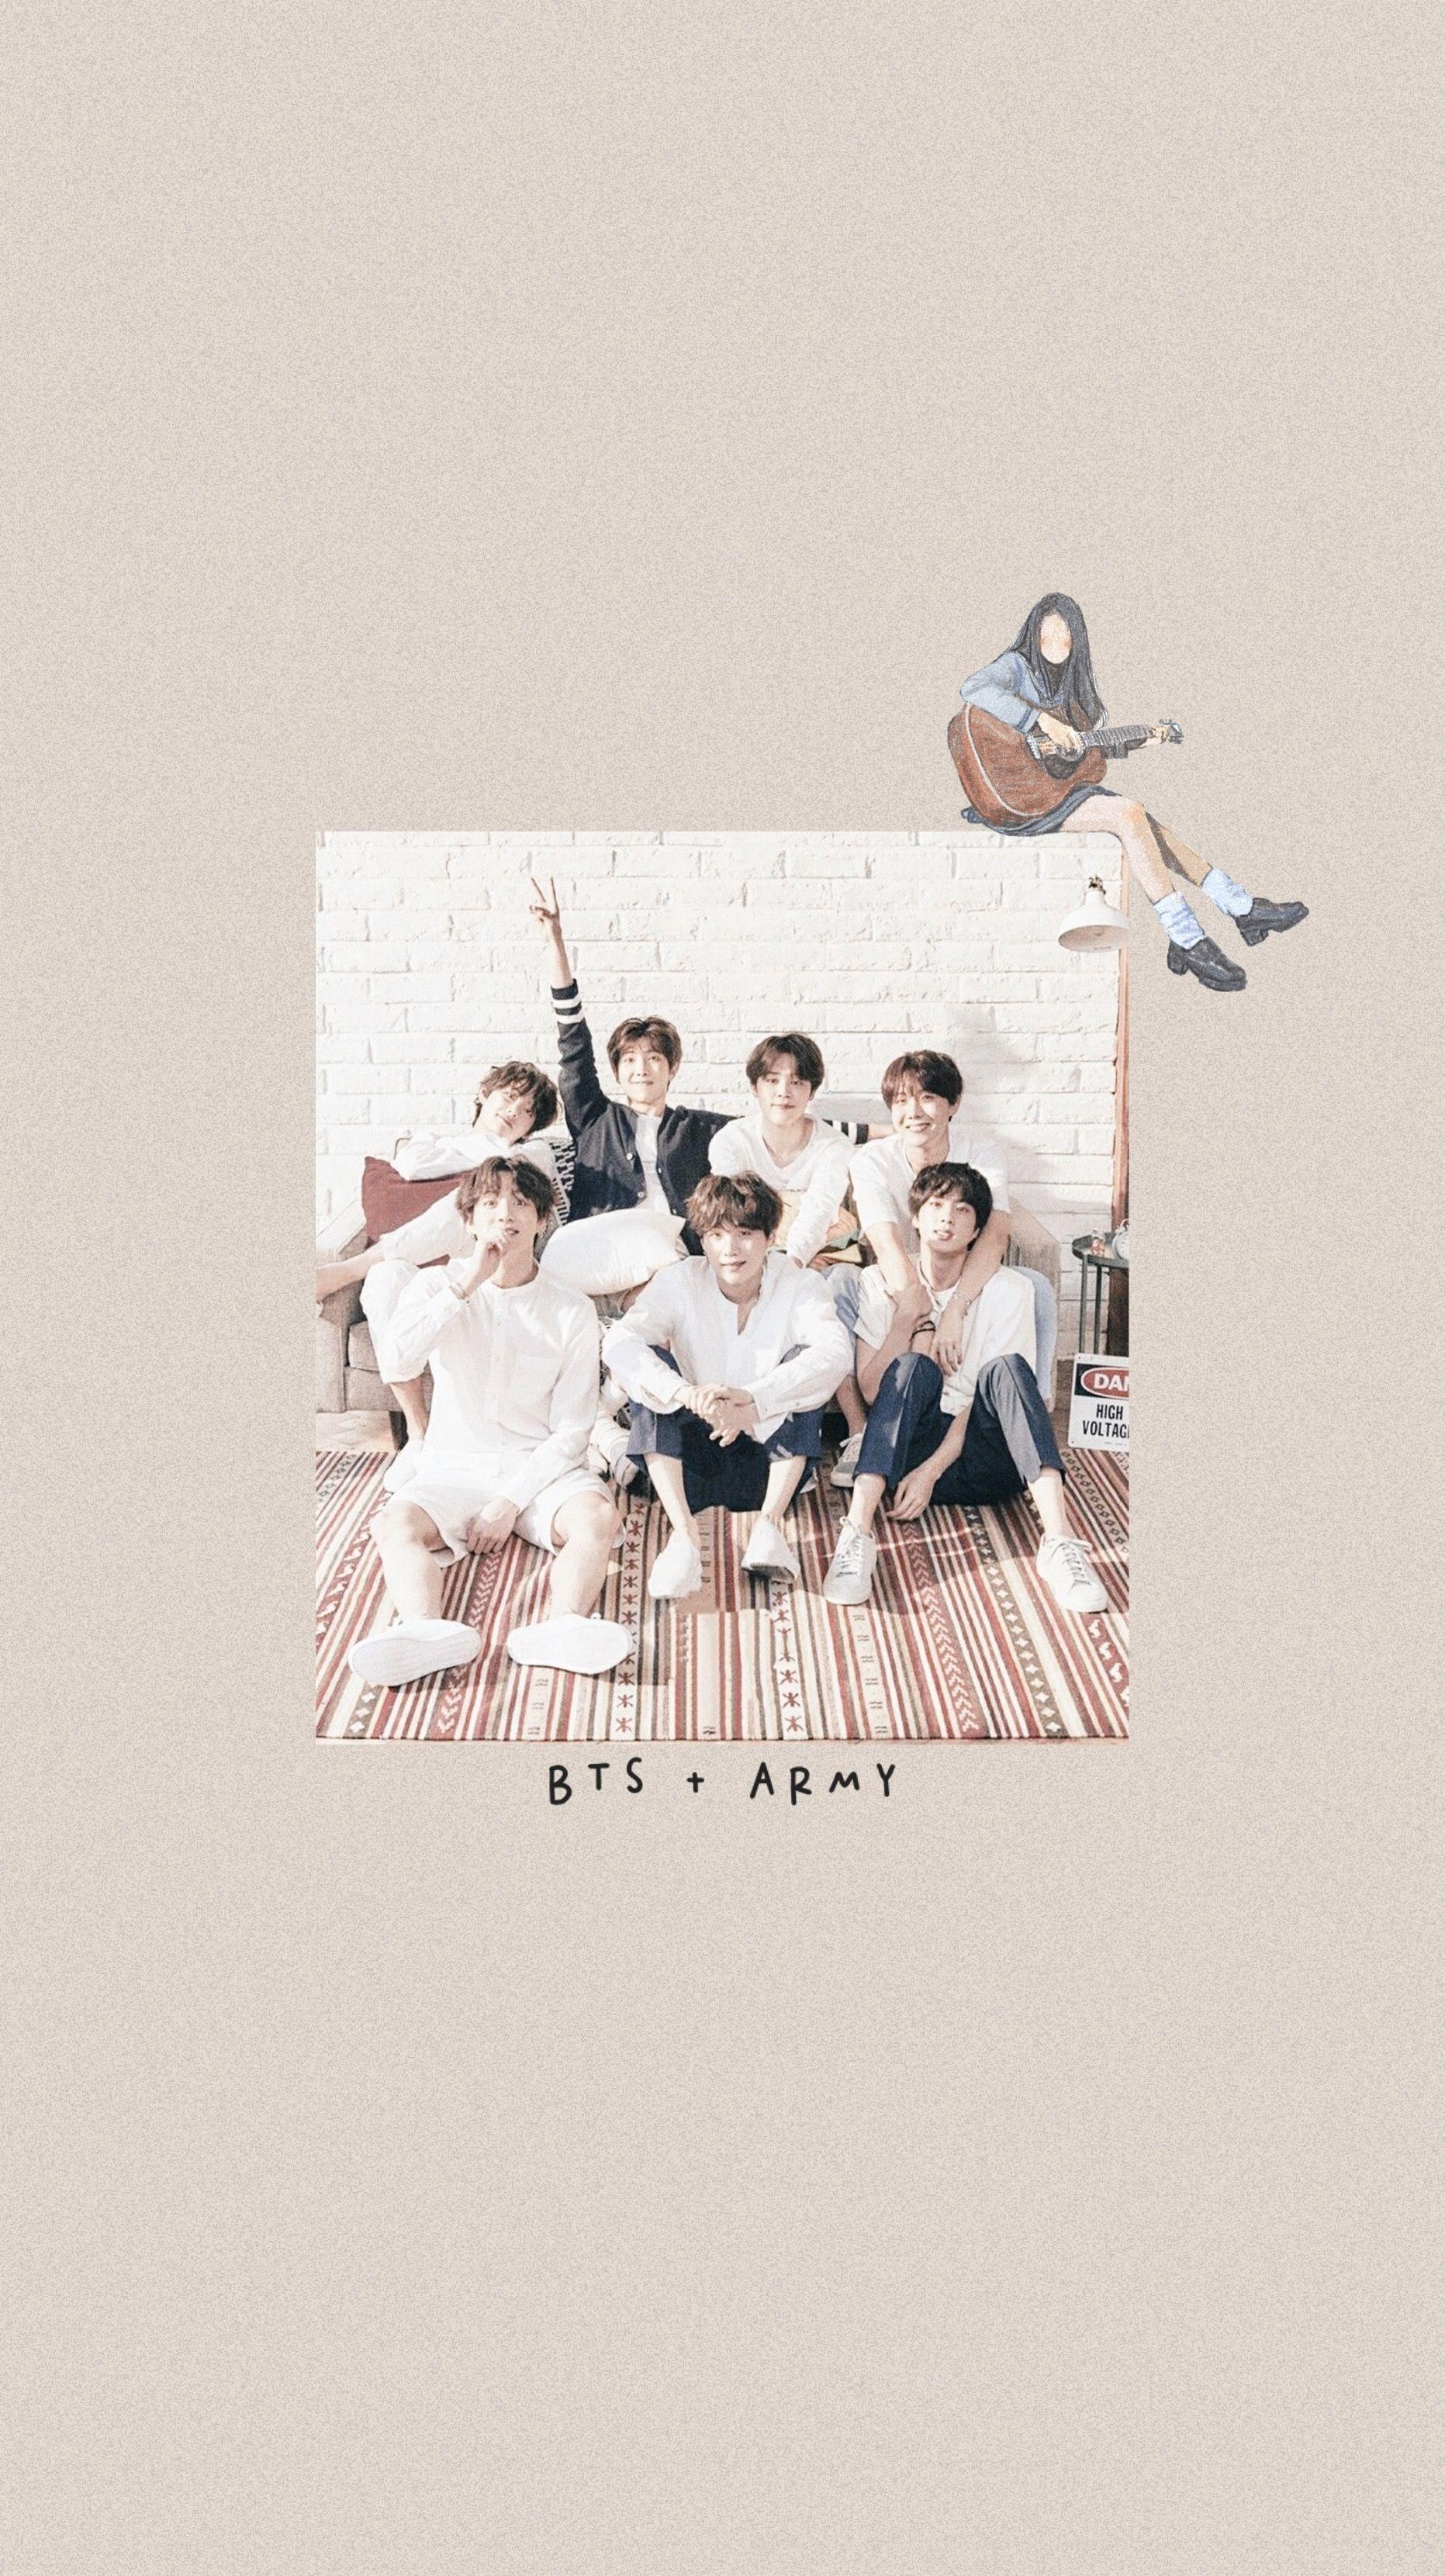 Bts Kpop Group Wallpaper Lockscreen Bts Aesthetic Wallpaper For Phone Korea Wallpaper Bts Wallpaper Bts aesthetic wallpaper kpop